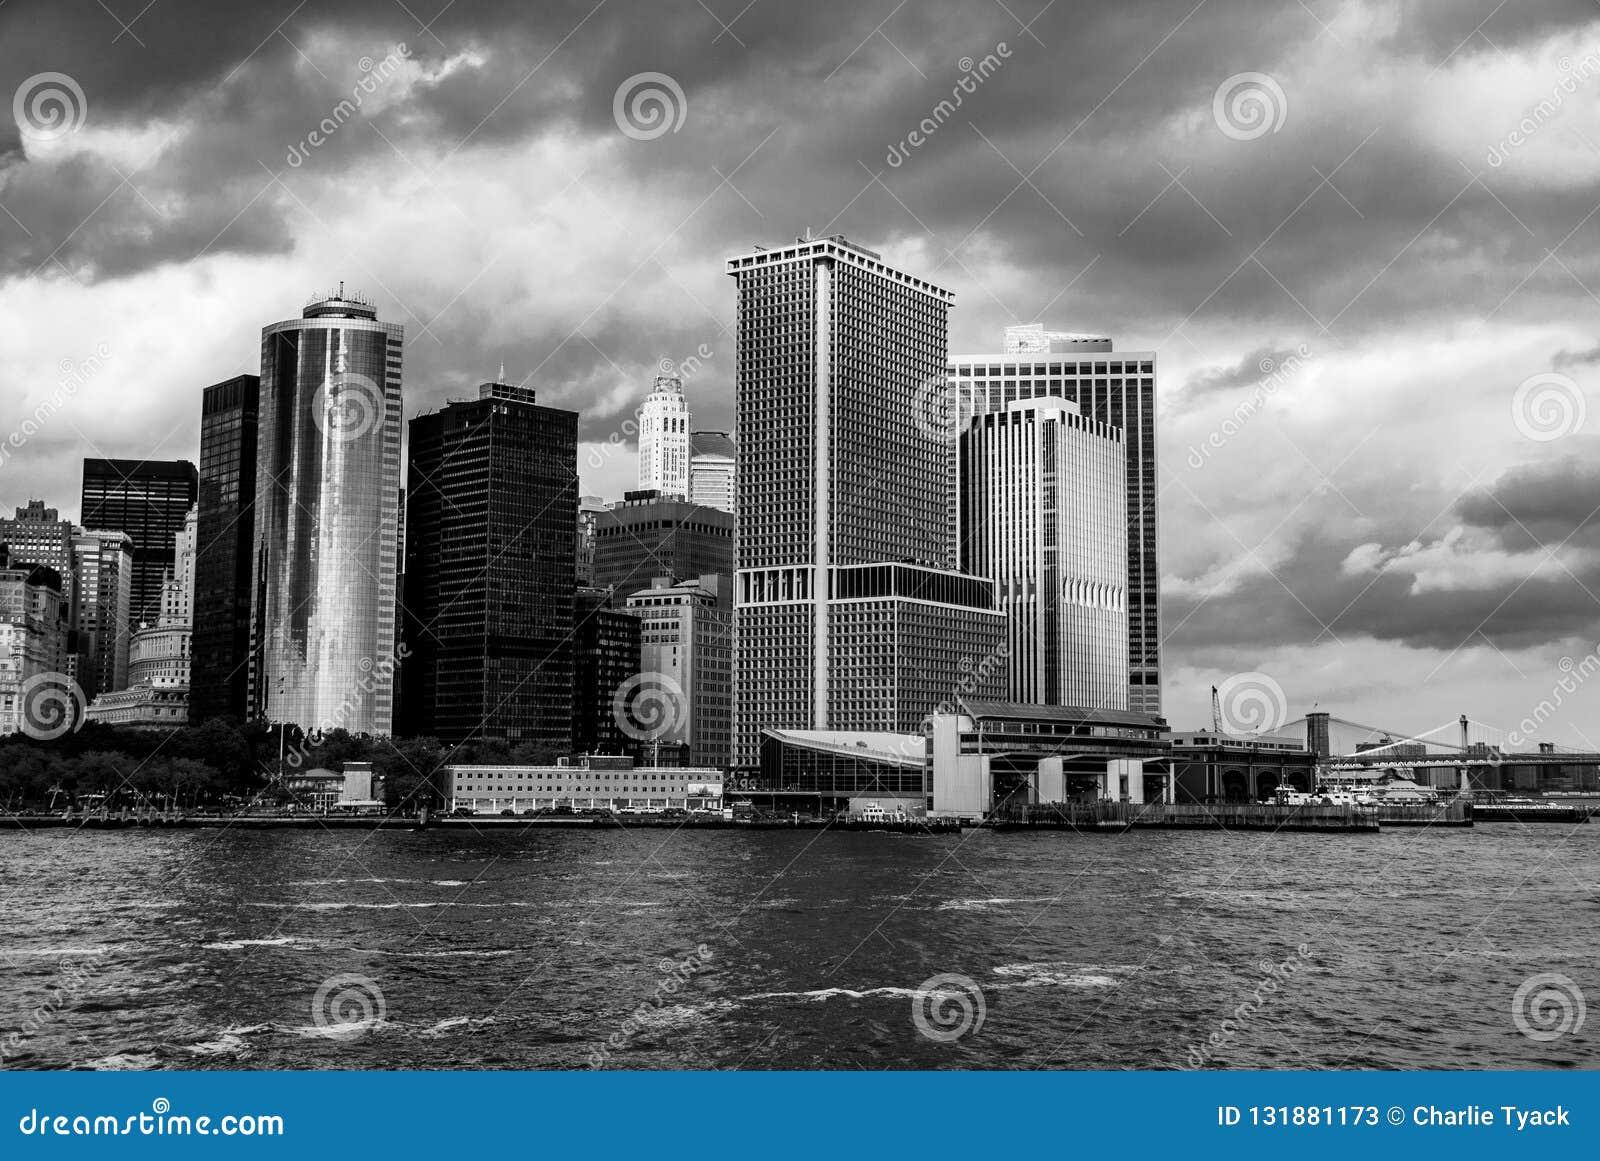 Manhattan, wie von Staten Island Ferry angesehen - südöstliche Spitze - Schwarzweiss